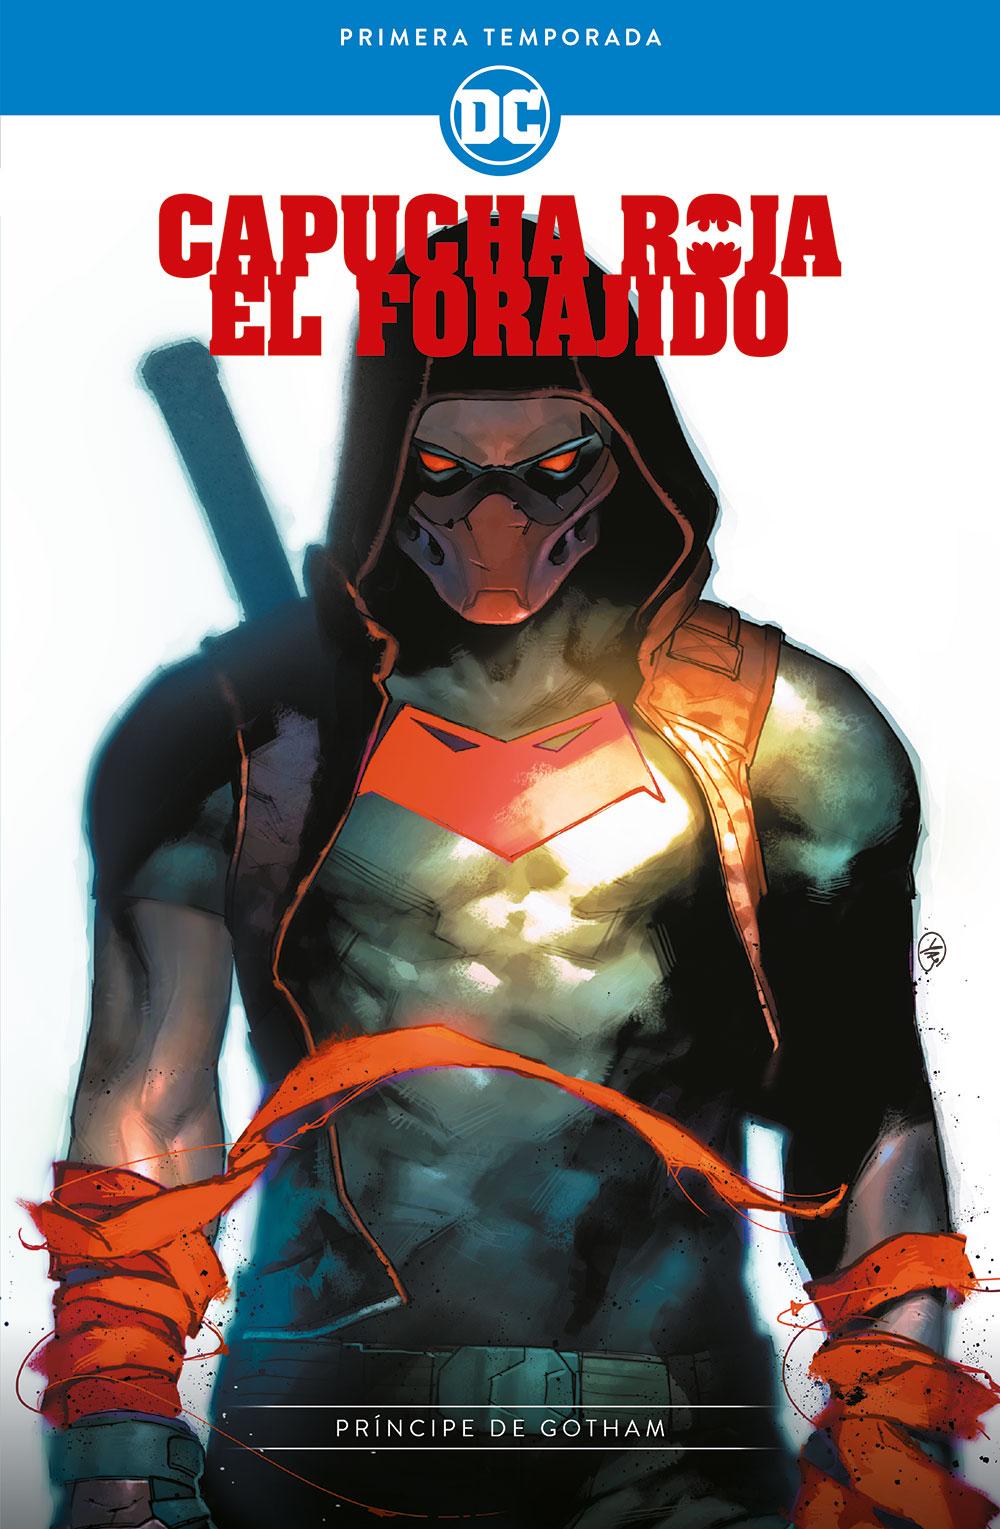 Capucha Roja, el forajido: Primera temporada - Príncipe de Gotham